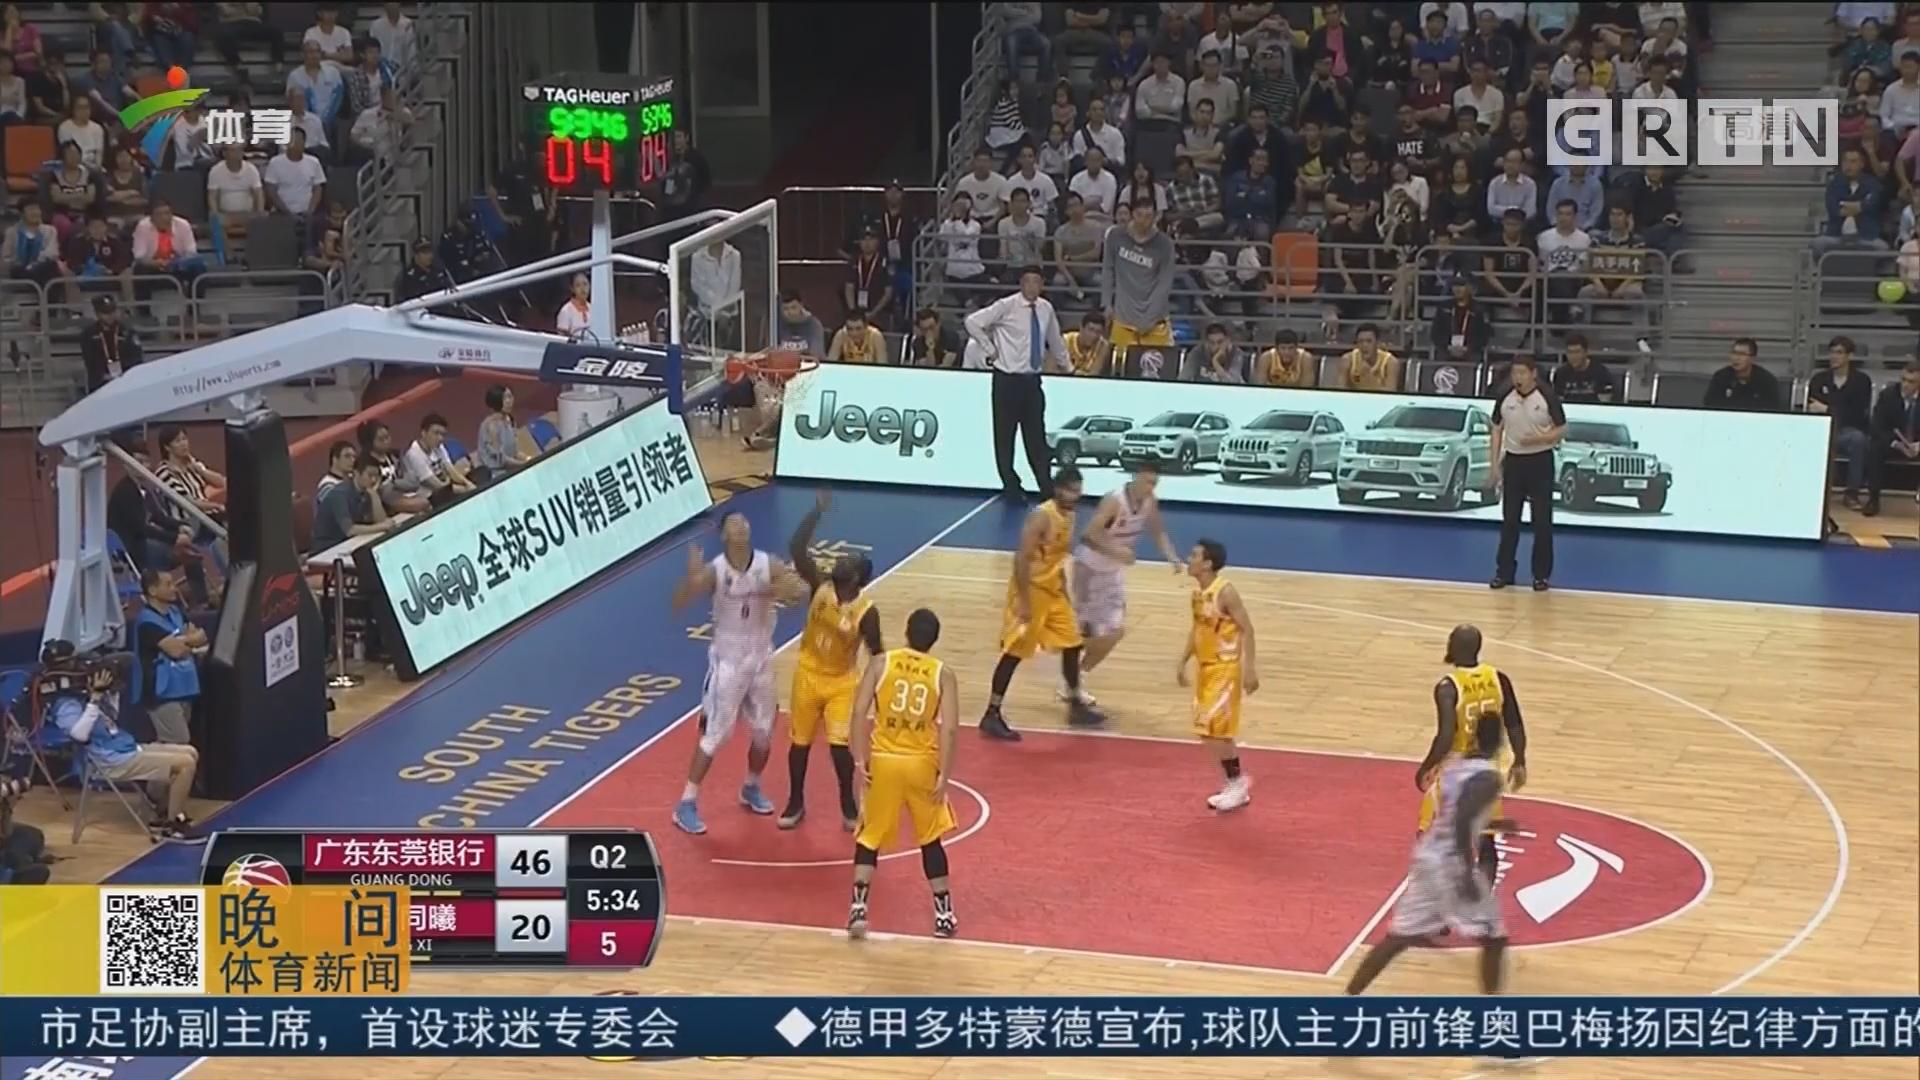 豪取大胜 广东东莞银行结束连败